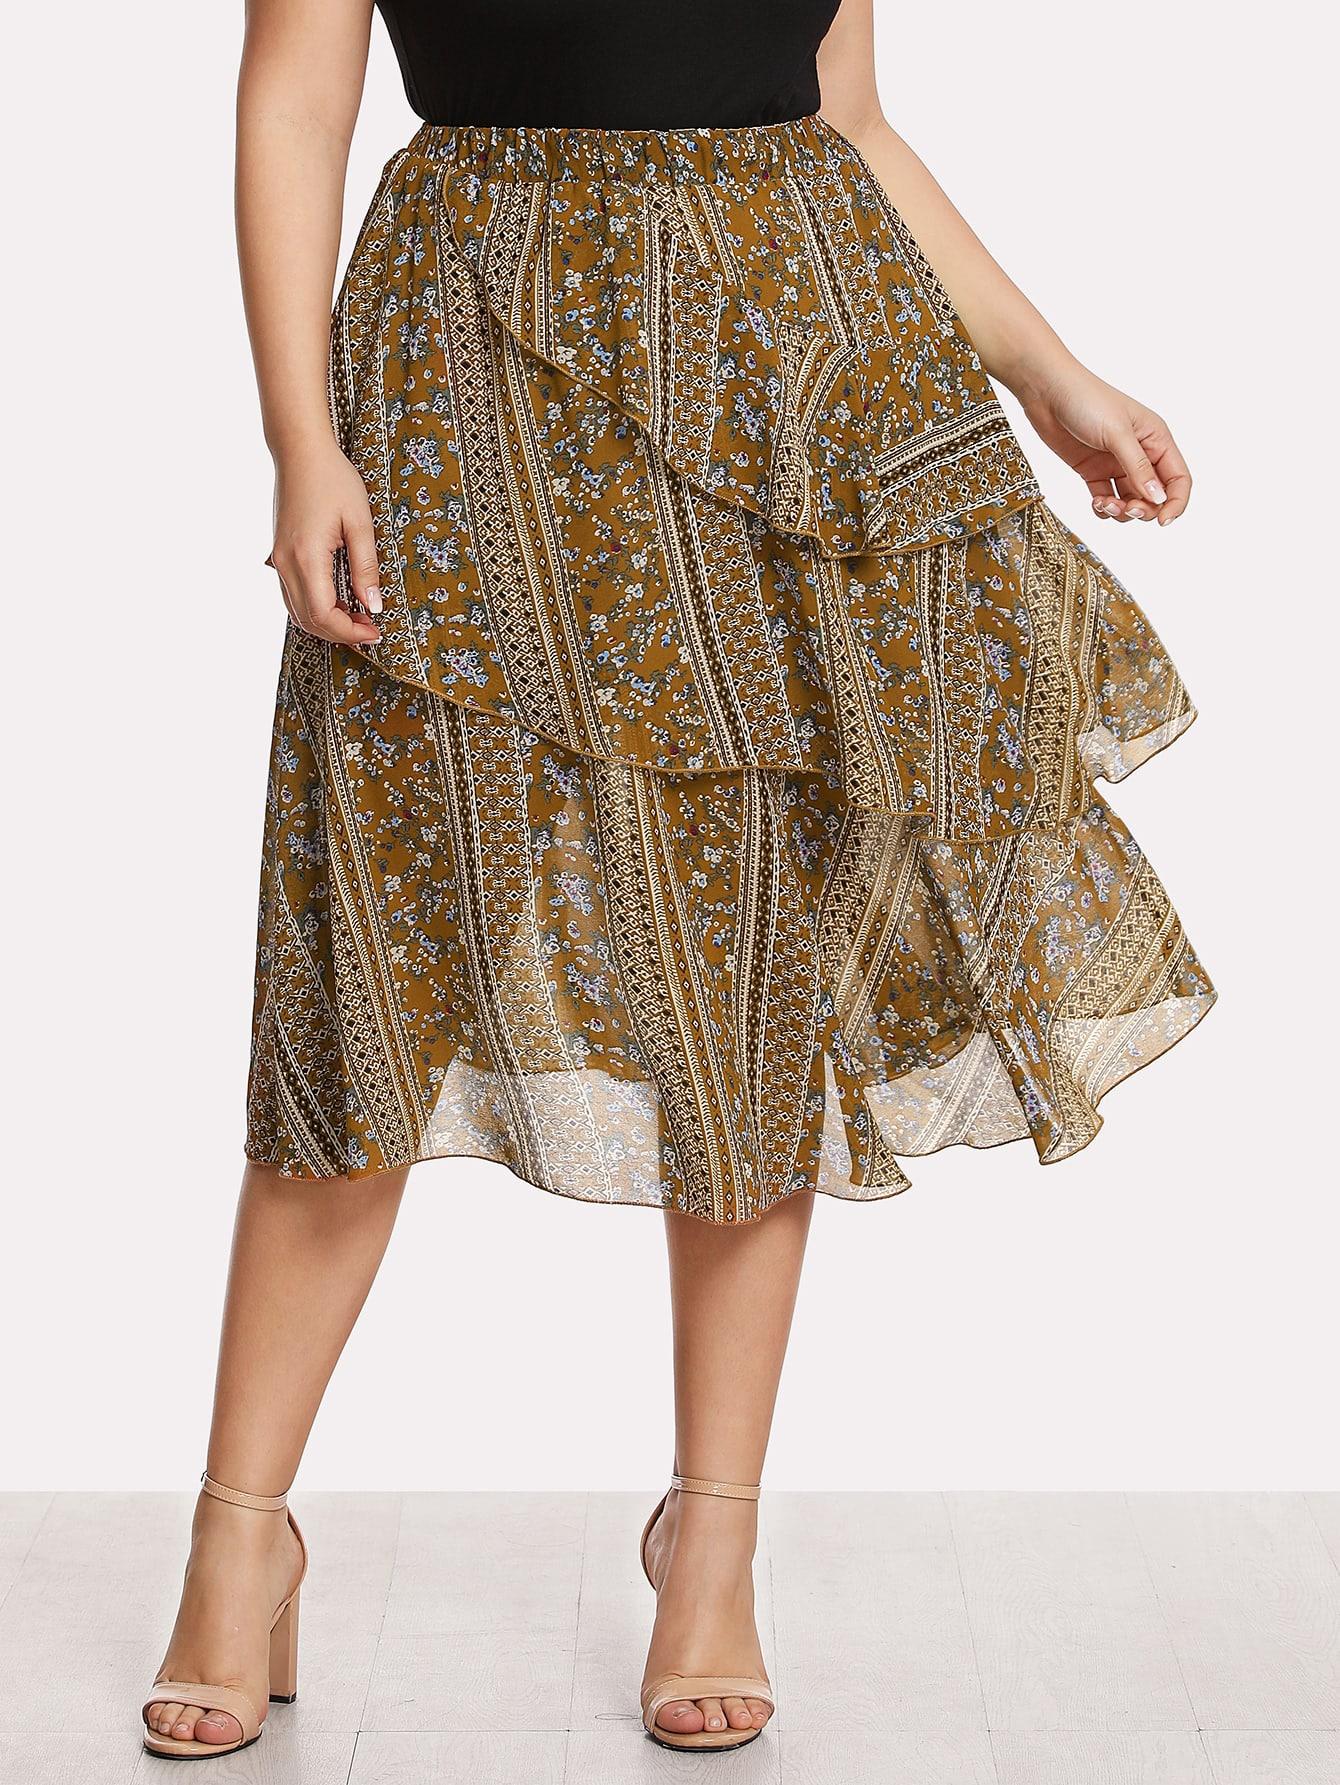 Mixed Print Layered Ruffle Skirt layered ruffle skirt pants